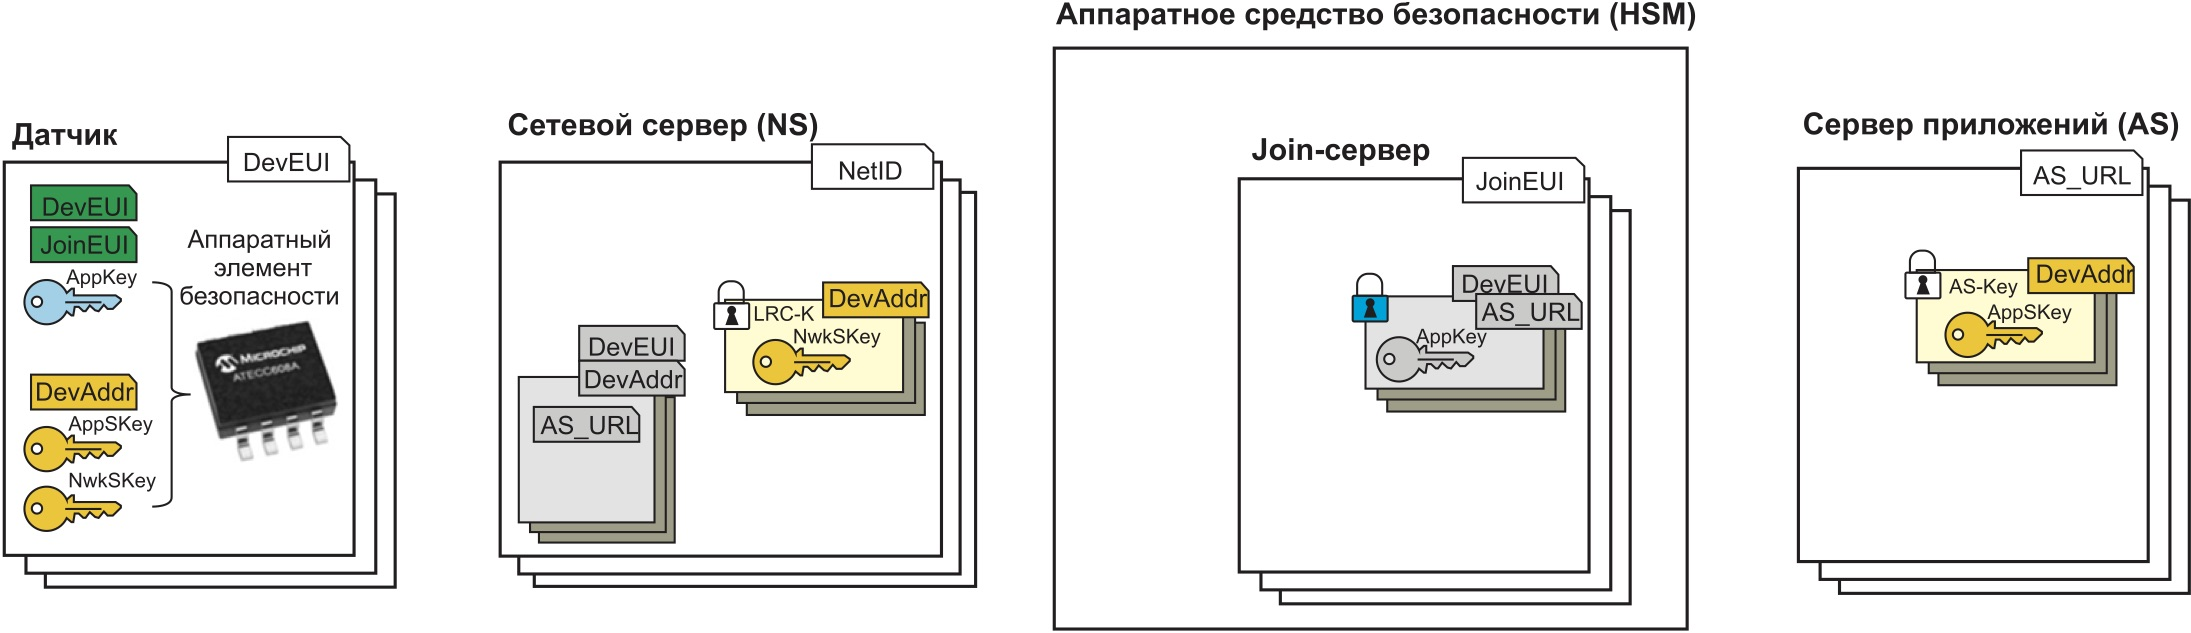 Схема хранения ключей шифрования